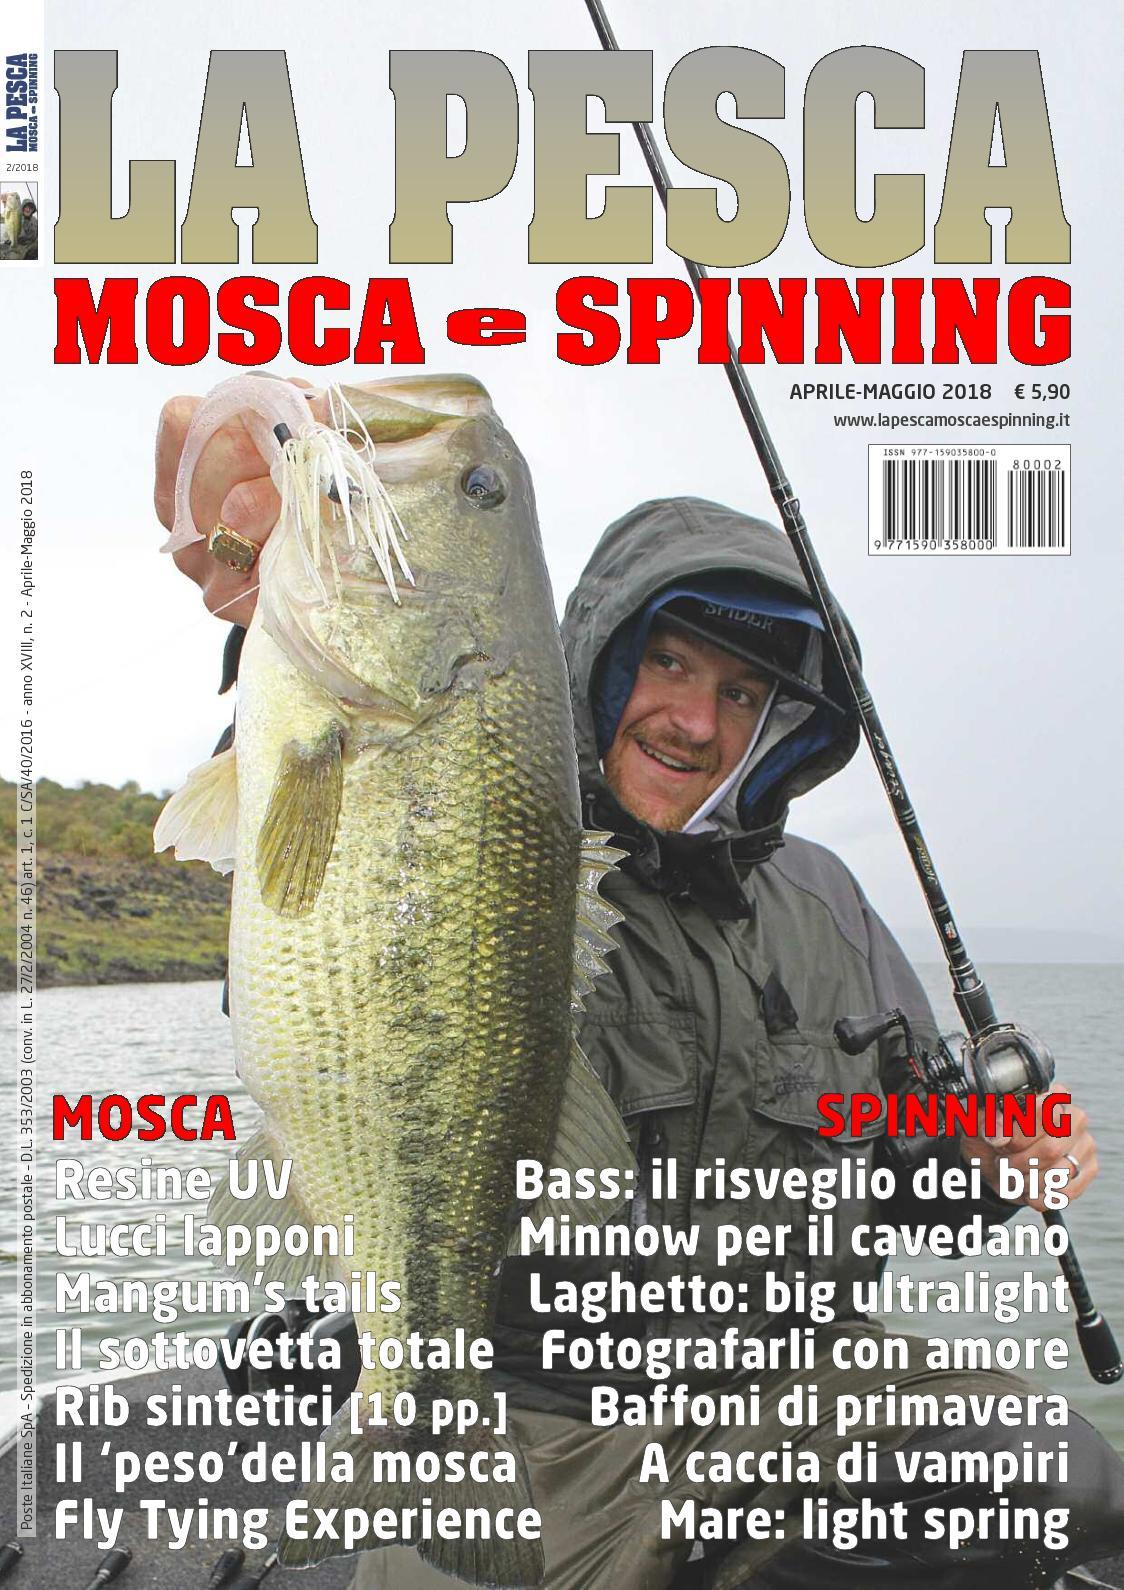 Temperate Cavedano Dito Colata Protezione Attrezzatura Pesca Alla Carpa Other Fishing